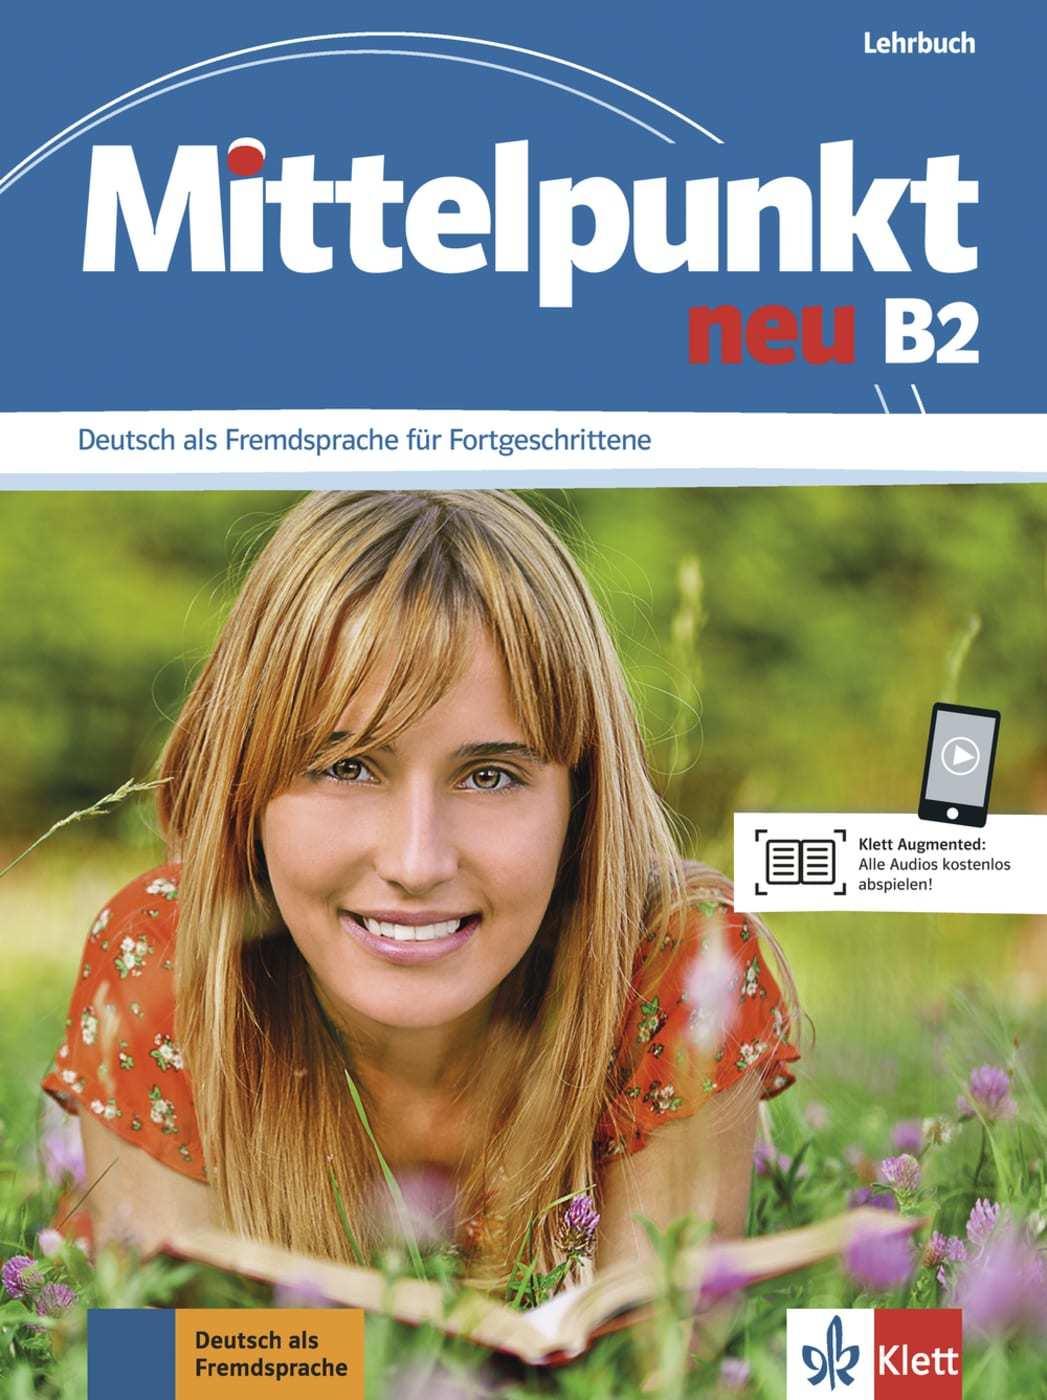 isbn 9783126766524 mittelpunkt neu b2 deutsch als fremdsprache f r fortgeschrittene lehrbuch. Black Bedroom Furniture Sets. Home Design Ideas